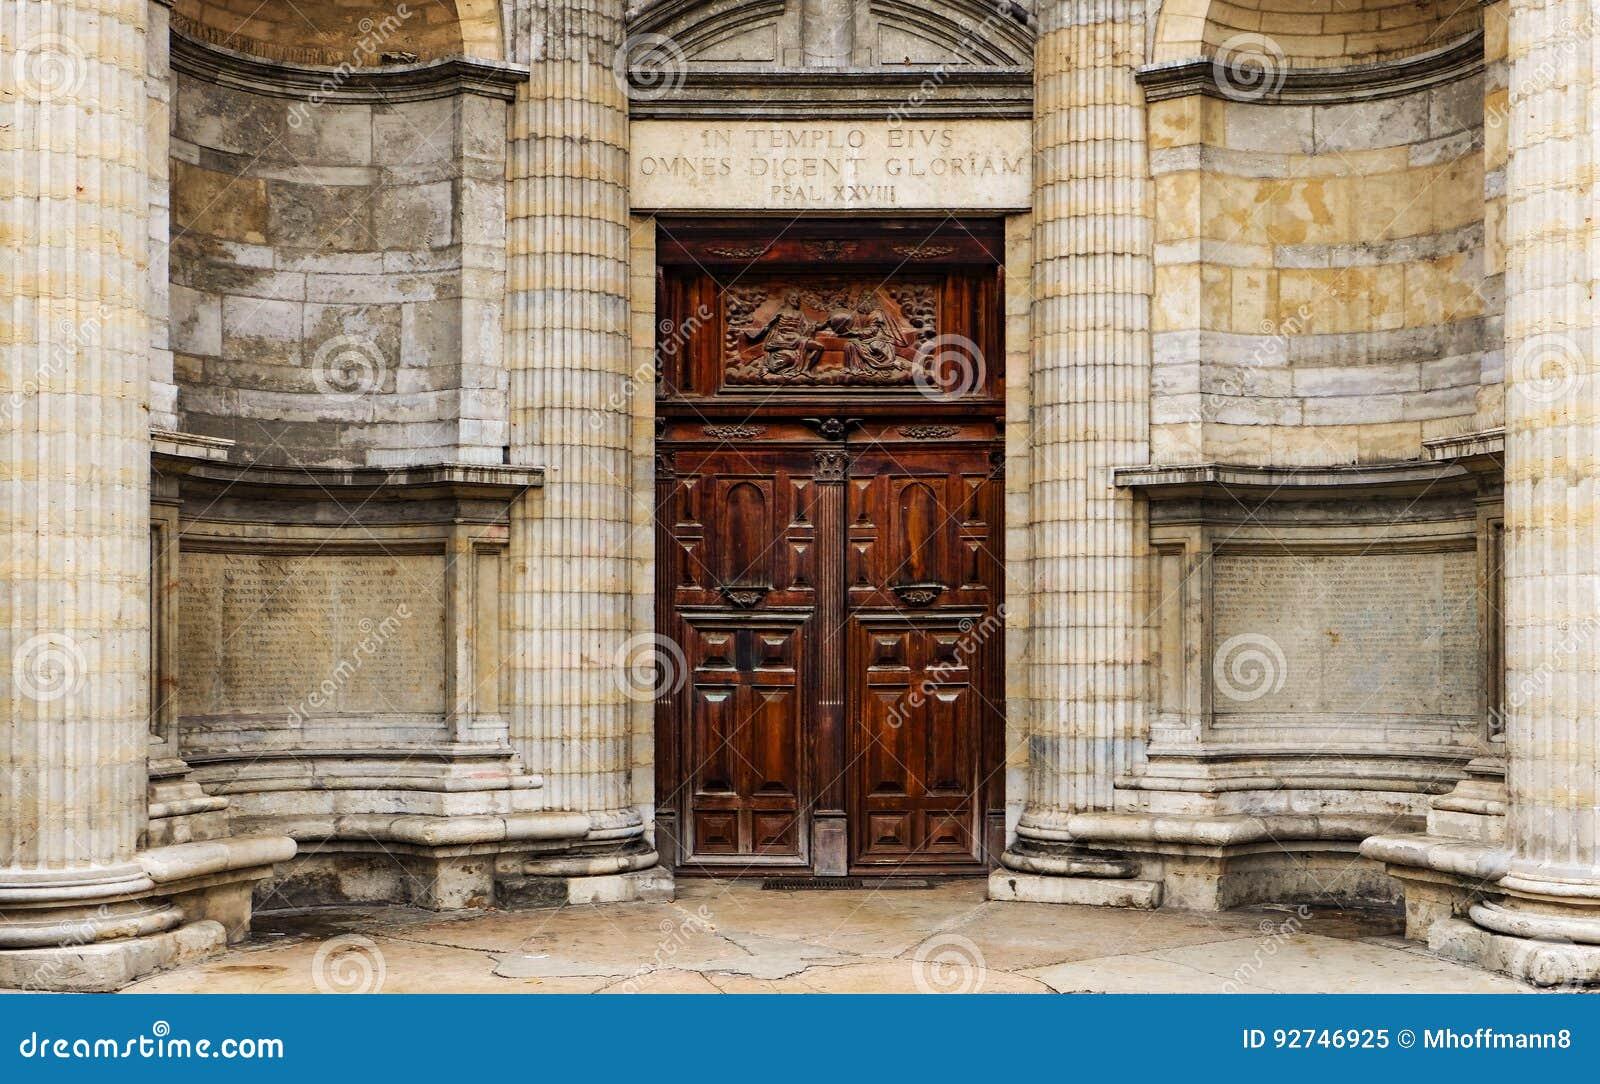 Tung trädubbel dörr förutom en gammal kyrka med religiösa lättnader och inskrifter